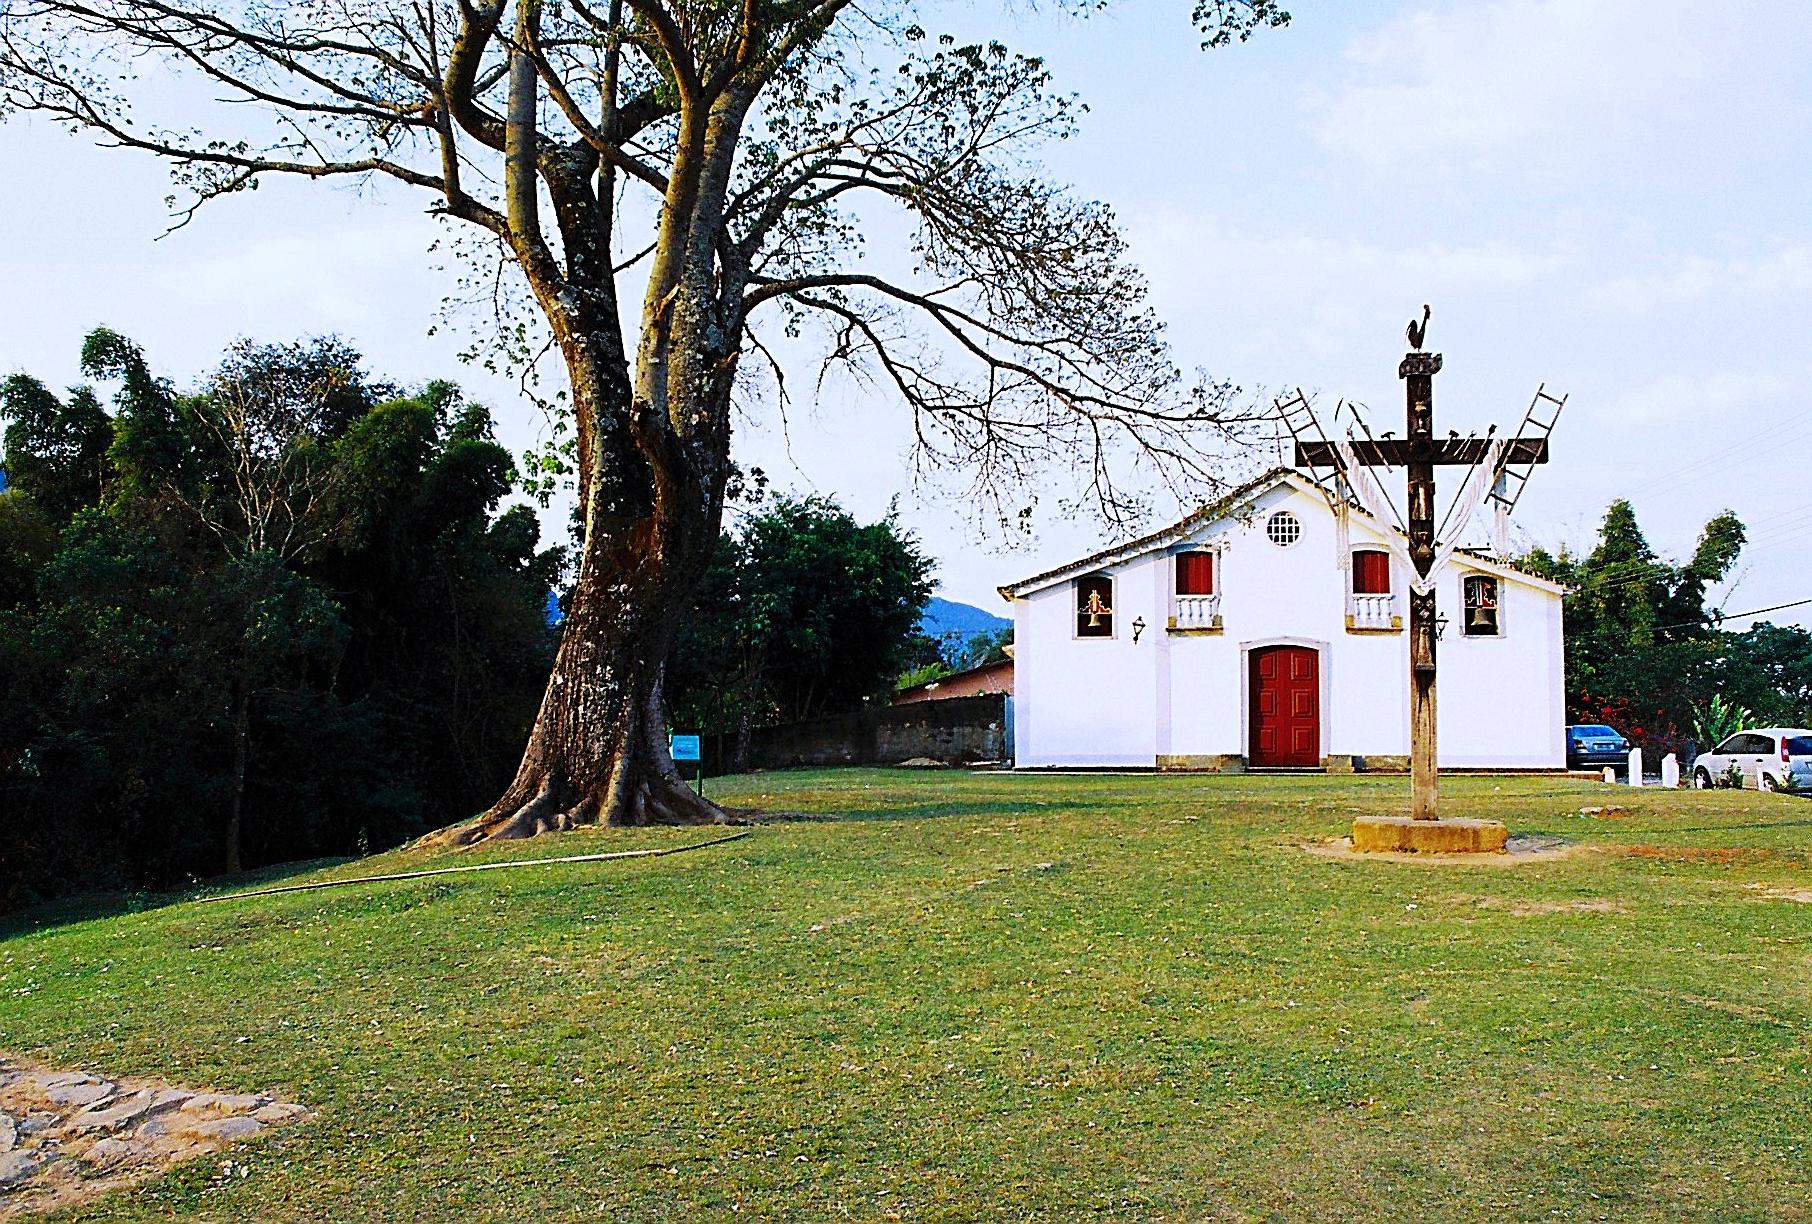 São Francisco de Paula Minas Gerais fonte: upload.wikimedia.org